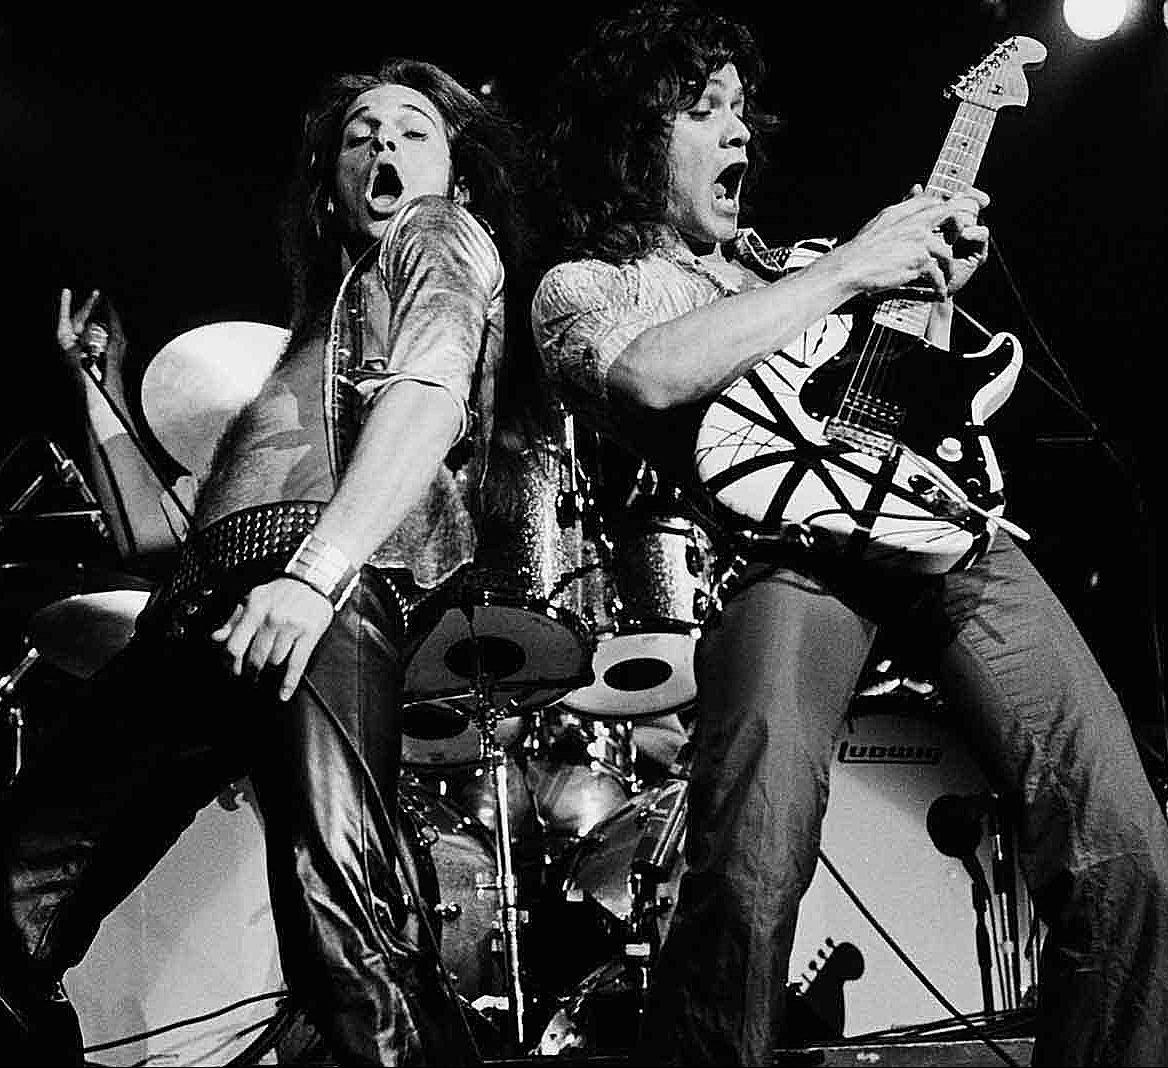 Redferns e1604665108694 20 Facts About Rock Legends Van Halen That Will Make You Jump